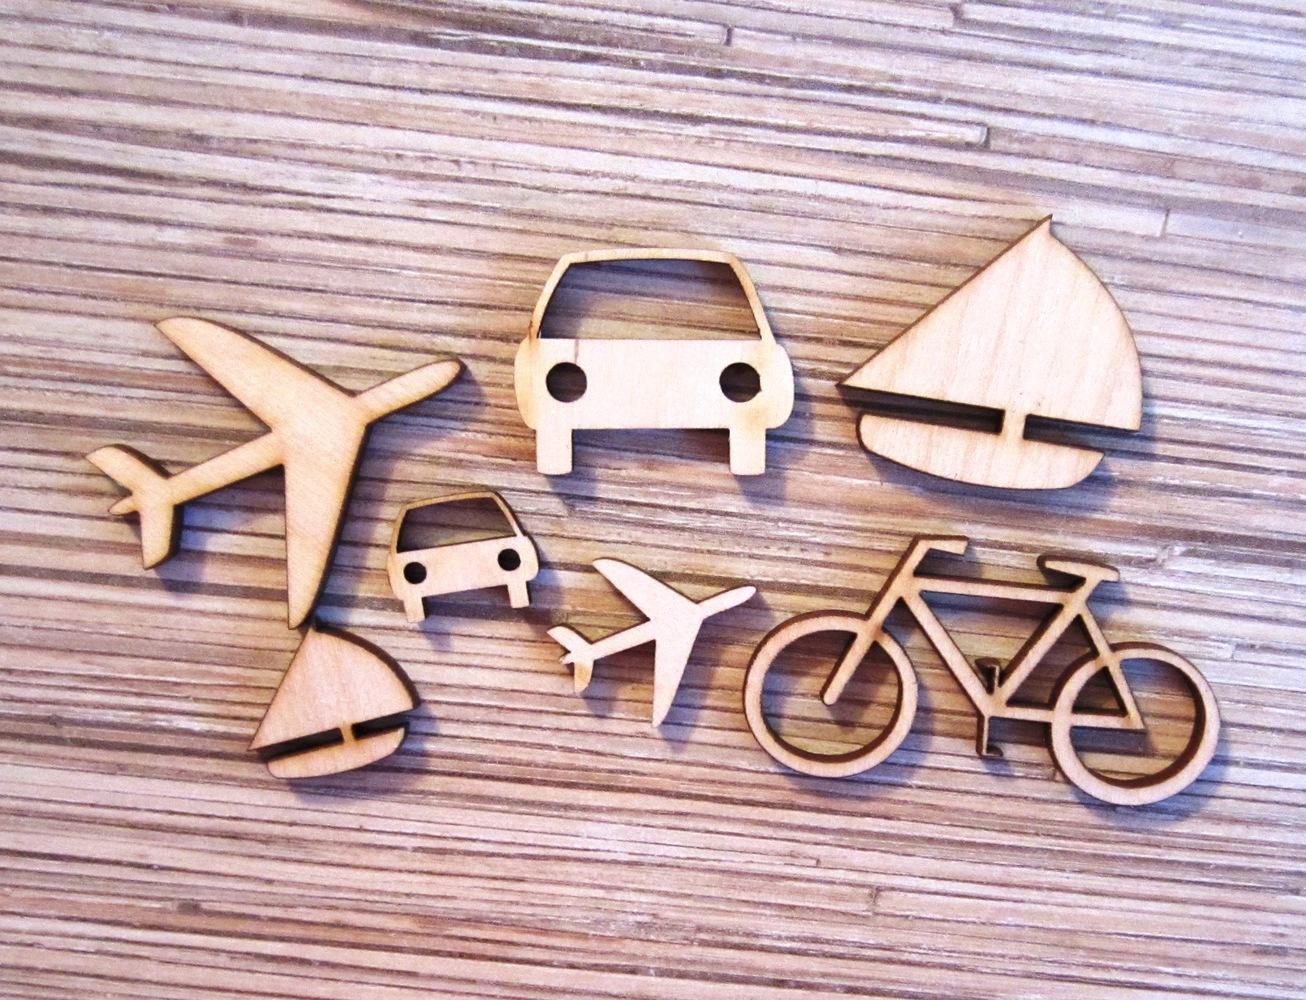 SmileDecor - развивающие игрушки, заготовки для творчества. Авторские методики: Б.П.Никитин, М.Монтессори, Э.Сеген - 3